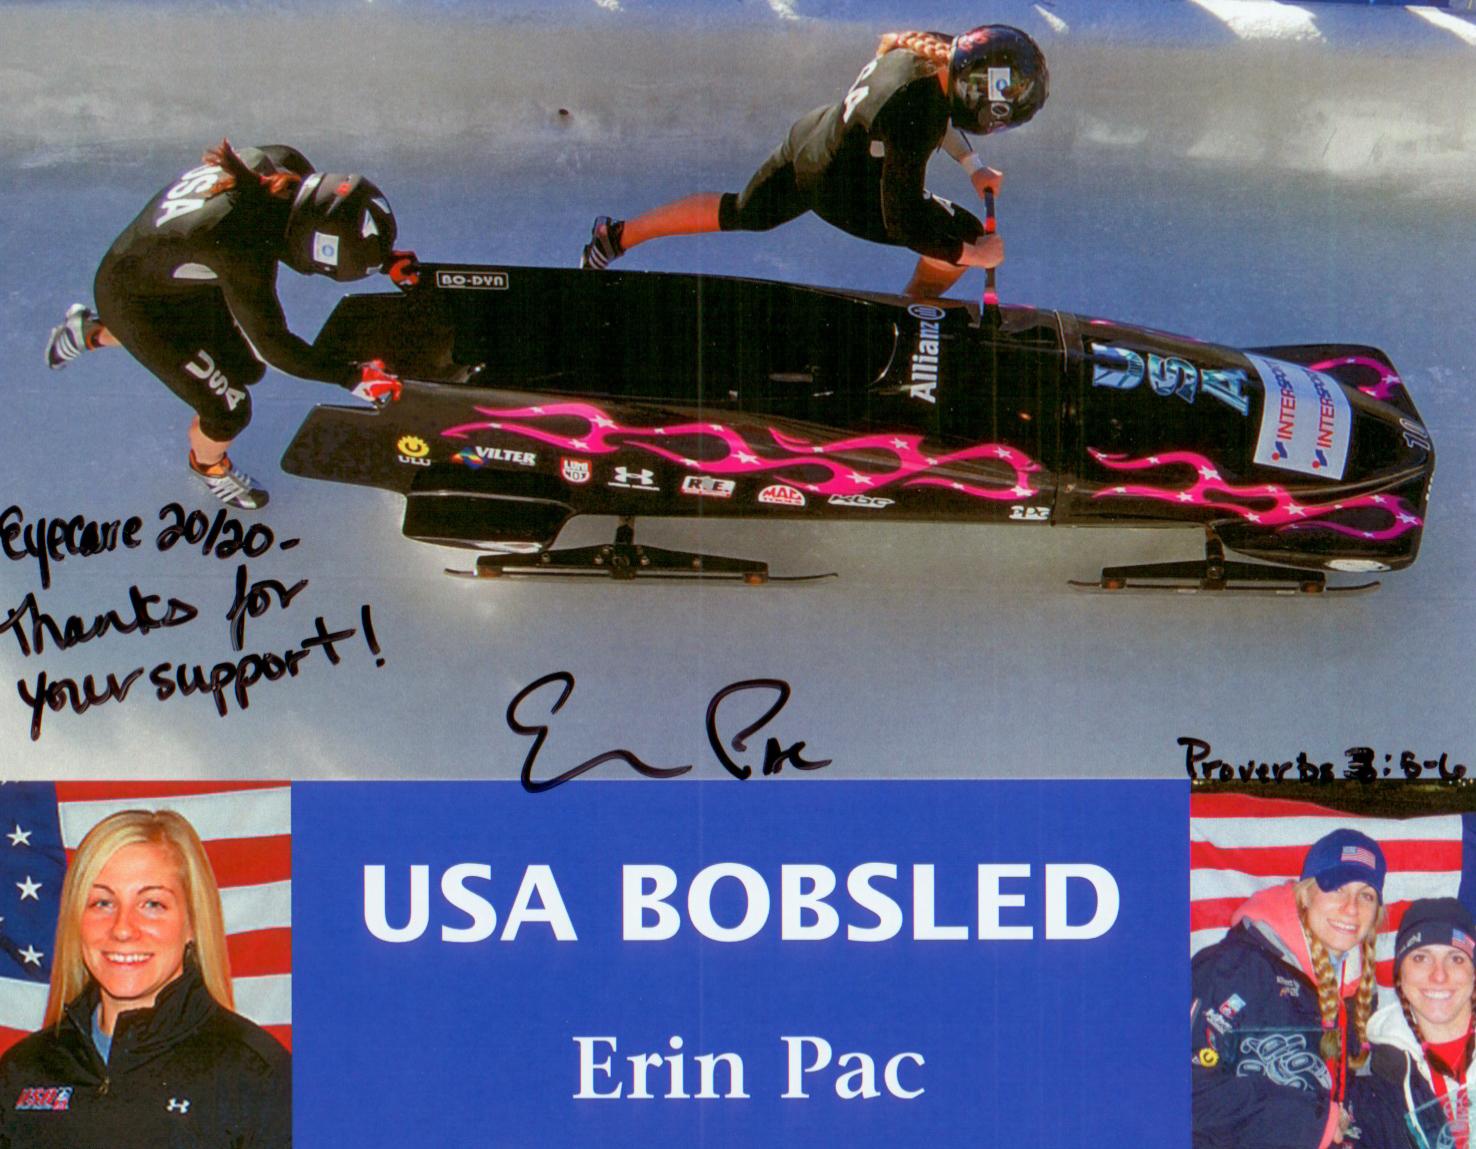 Erin Pac